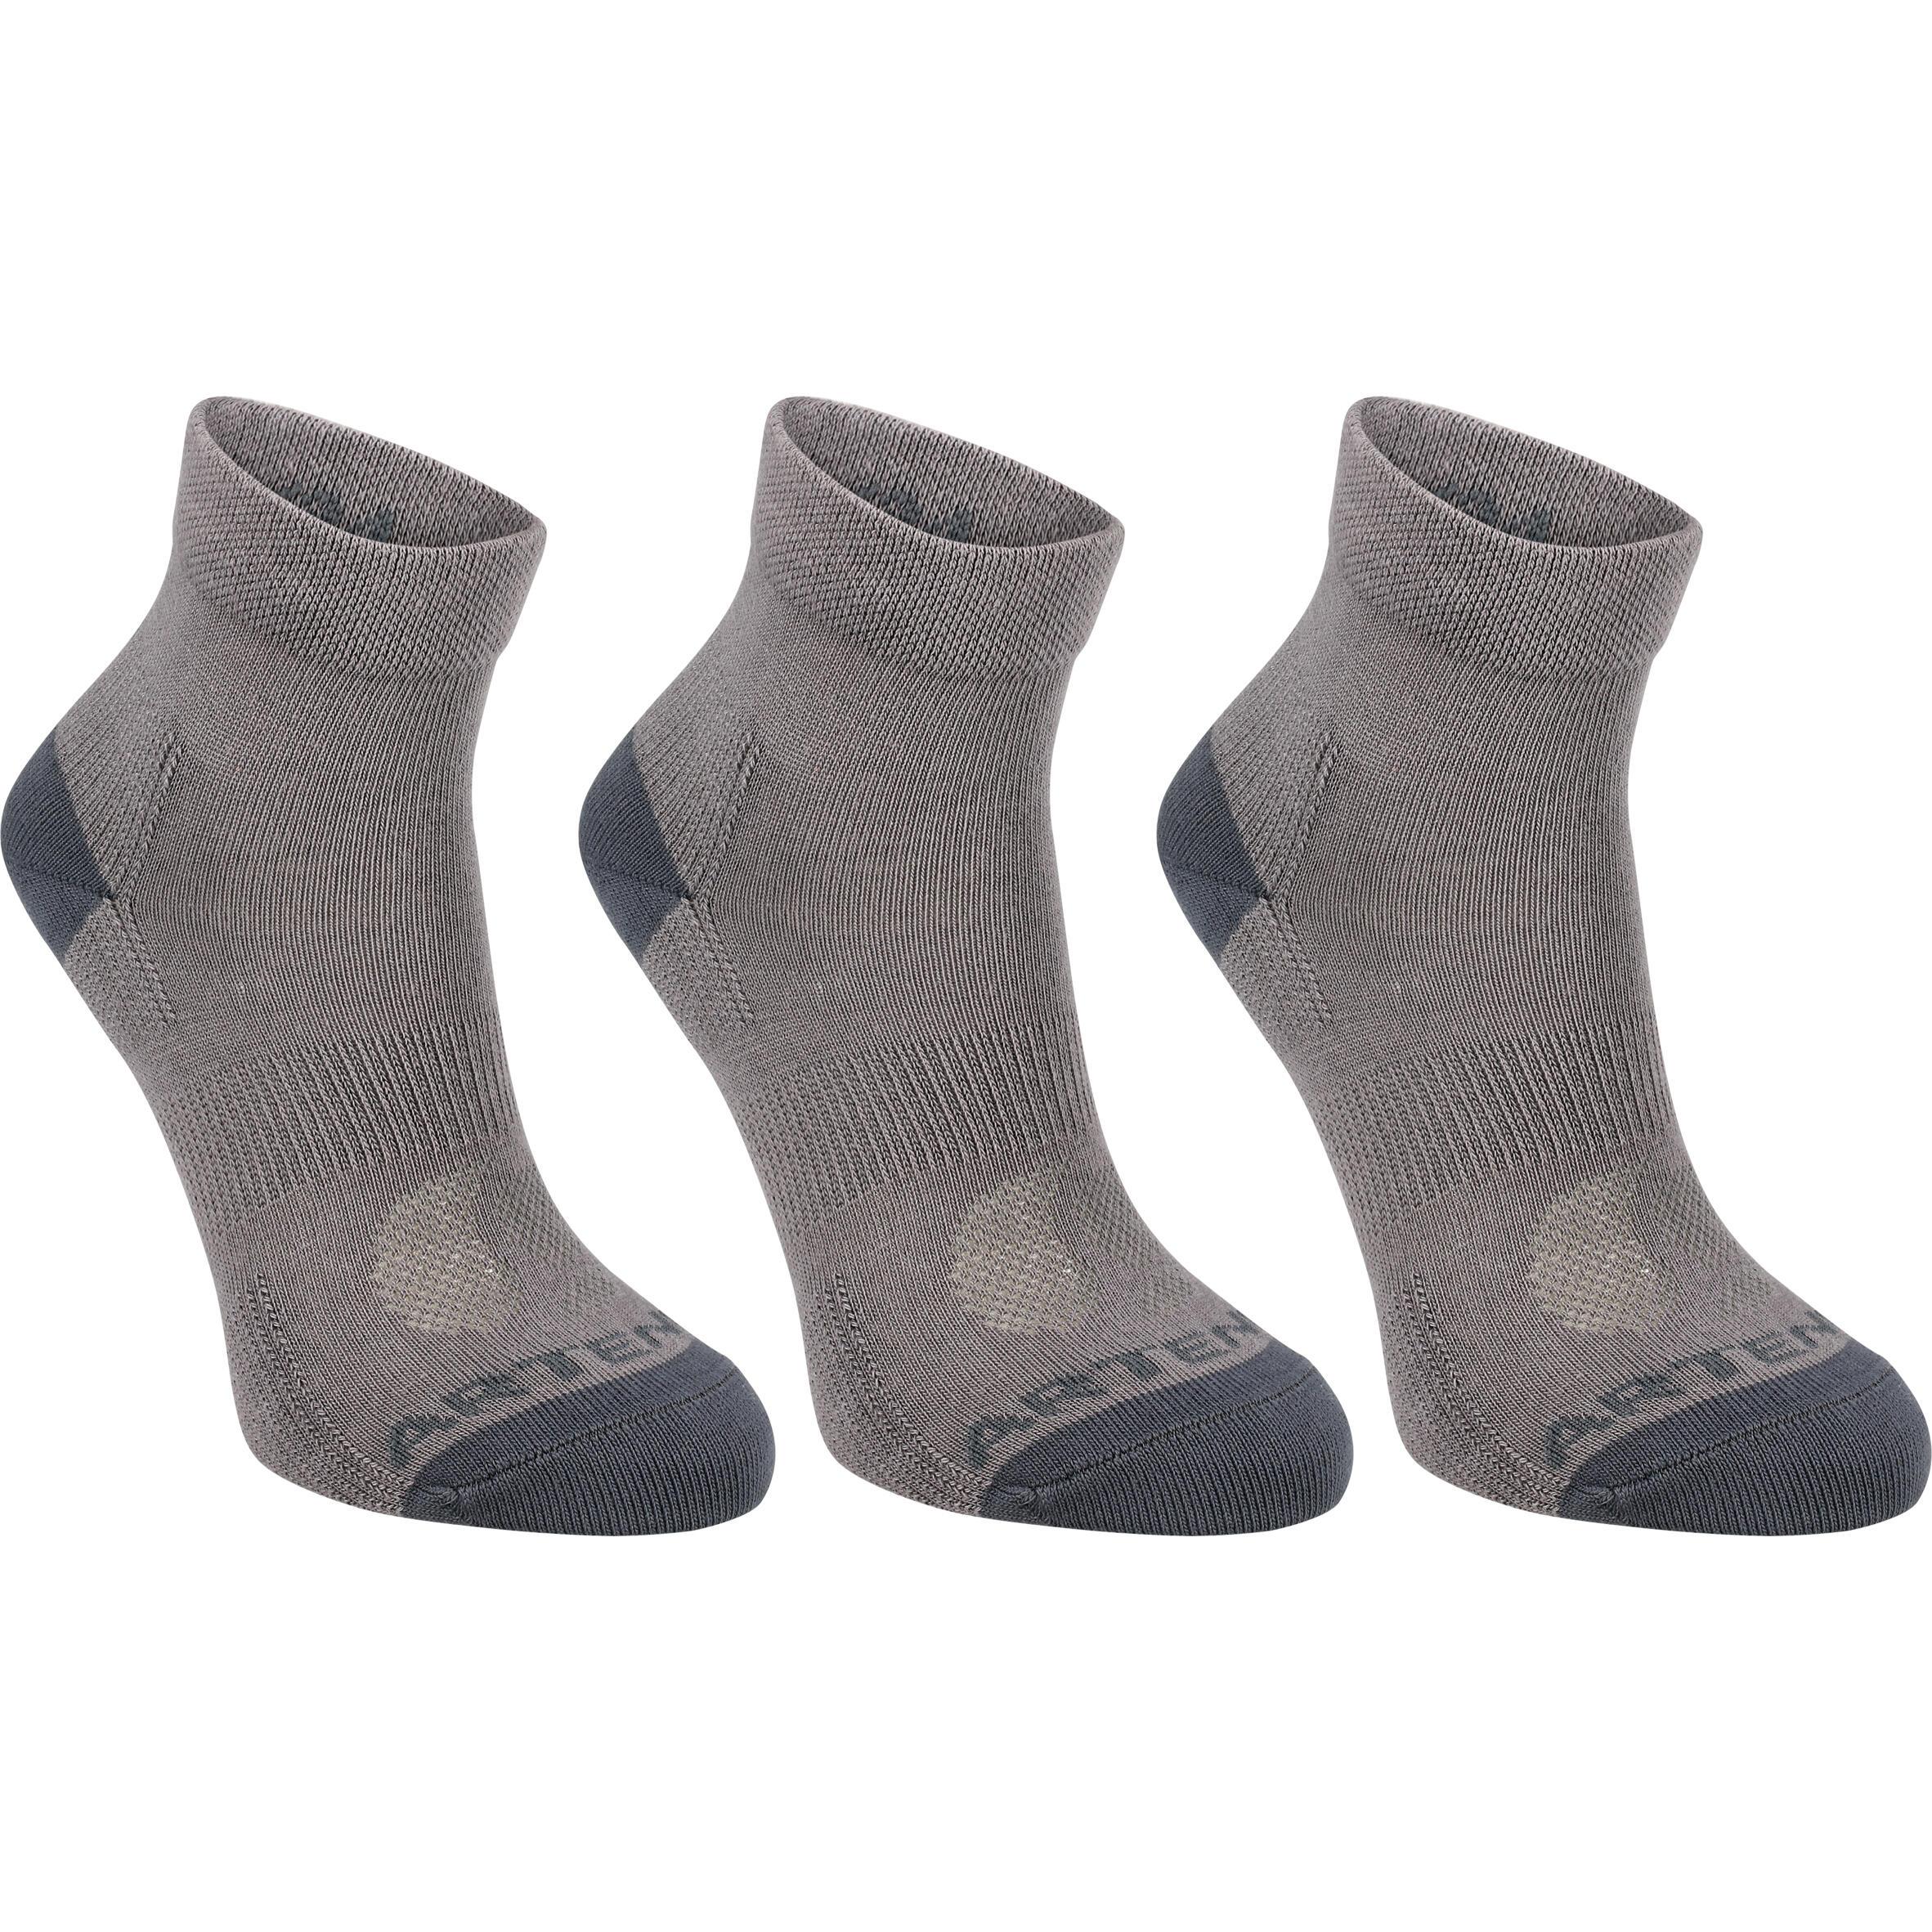 Artengo Halfhoge sportsokken voor volwassenen Artengo RS 160 grijs 3 paar